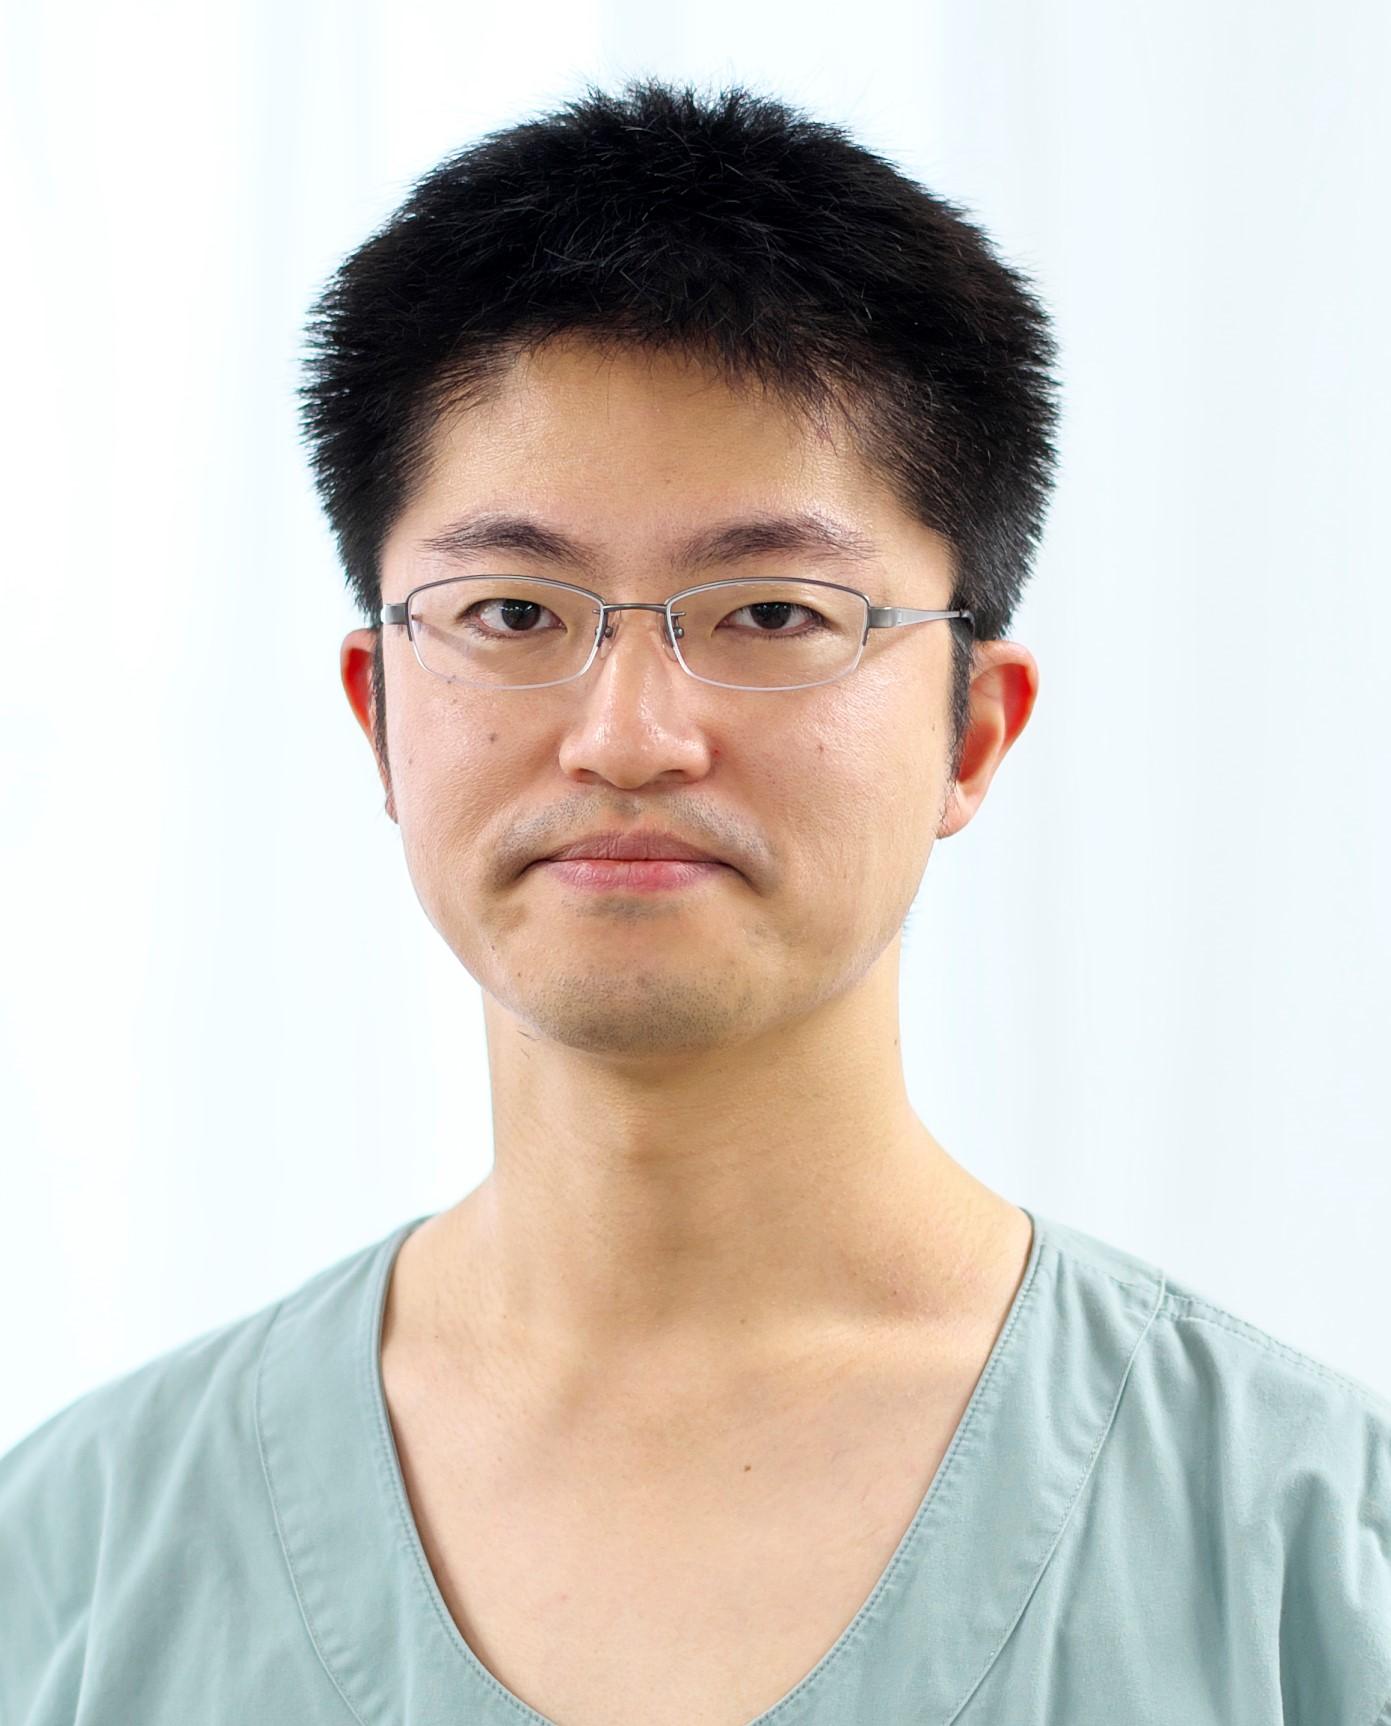 片桐循環器Dr.jpg